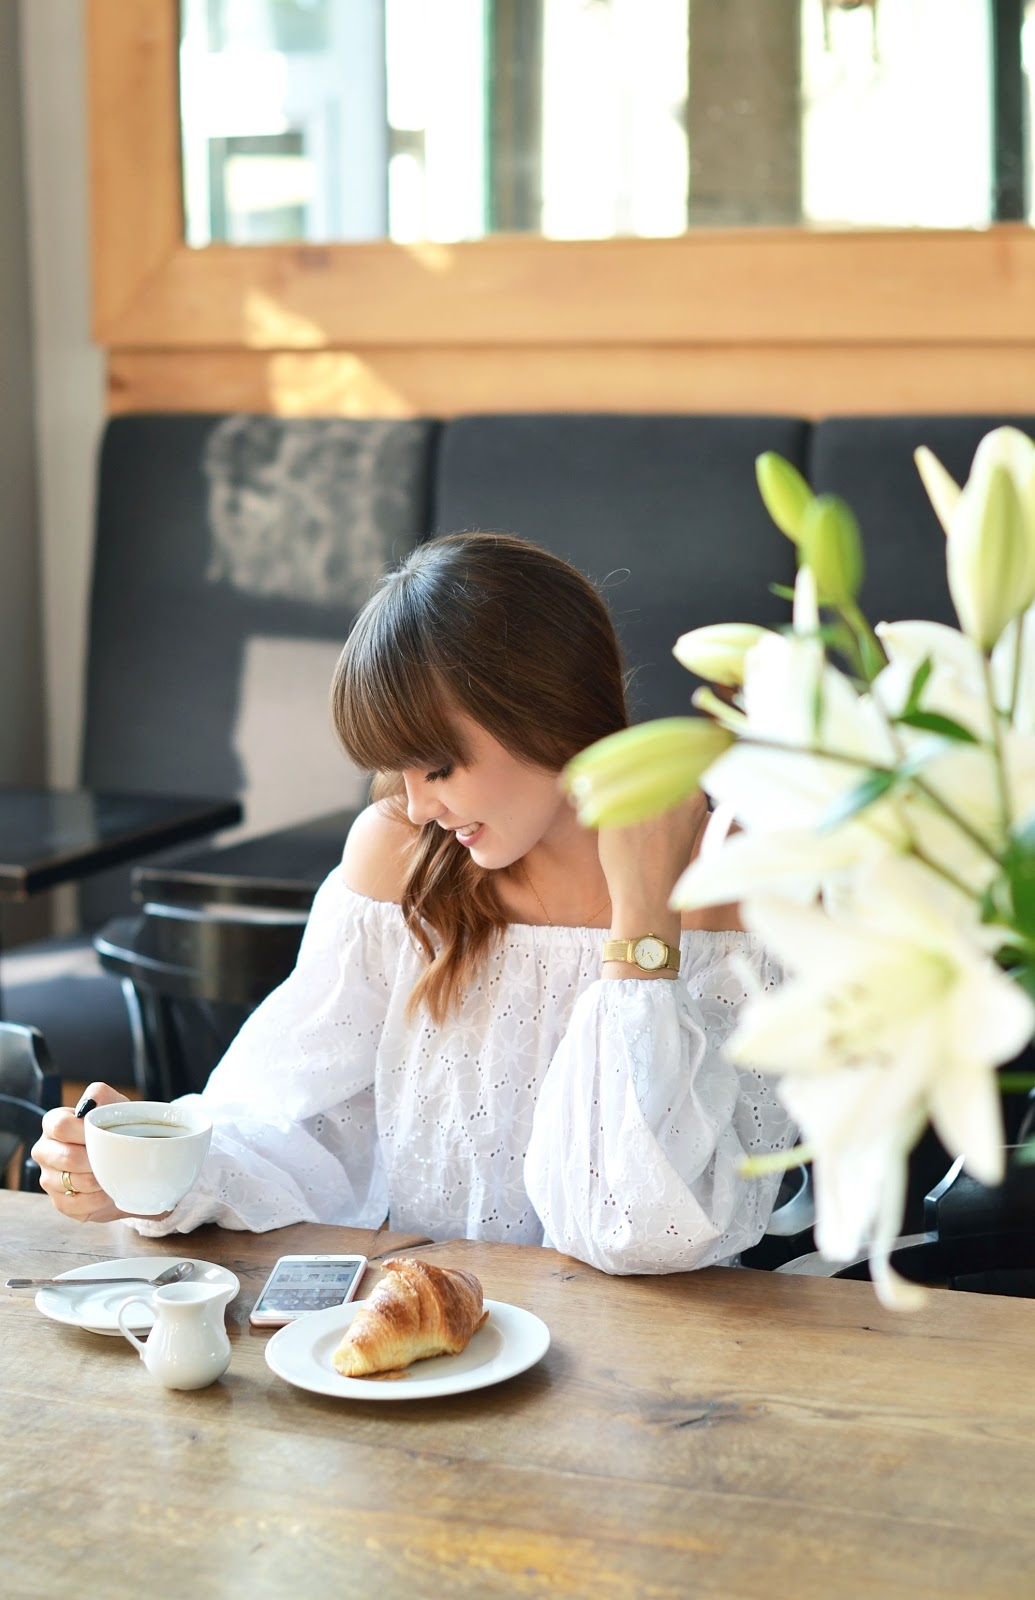 blogi o modzie | cammy blog | biala bluzka |